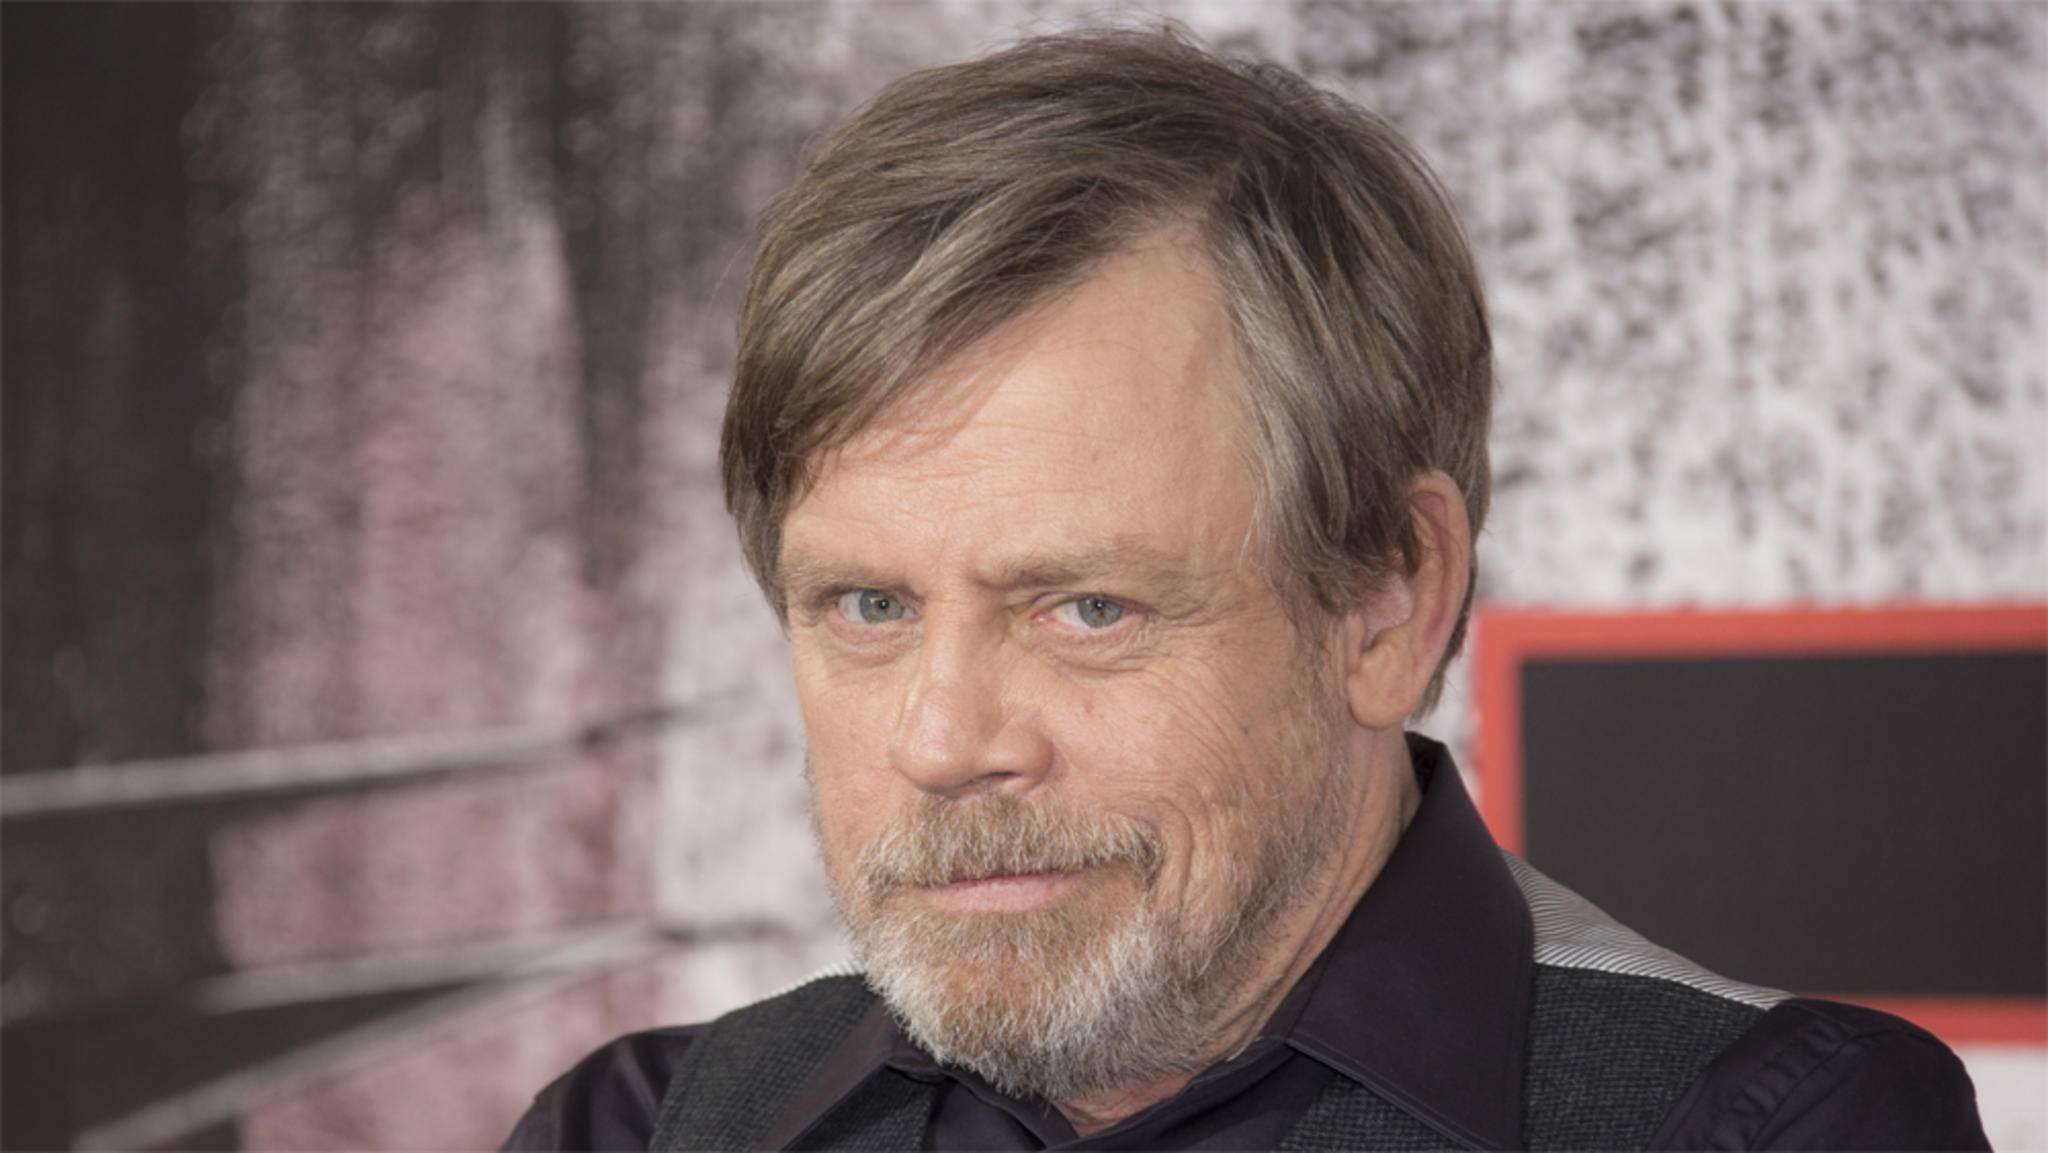 Führt seine Fans gerne an der Nase herum: Luke-Skywalker-Darsteller Mark Hamill.